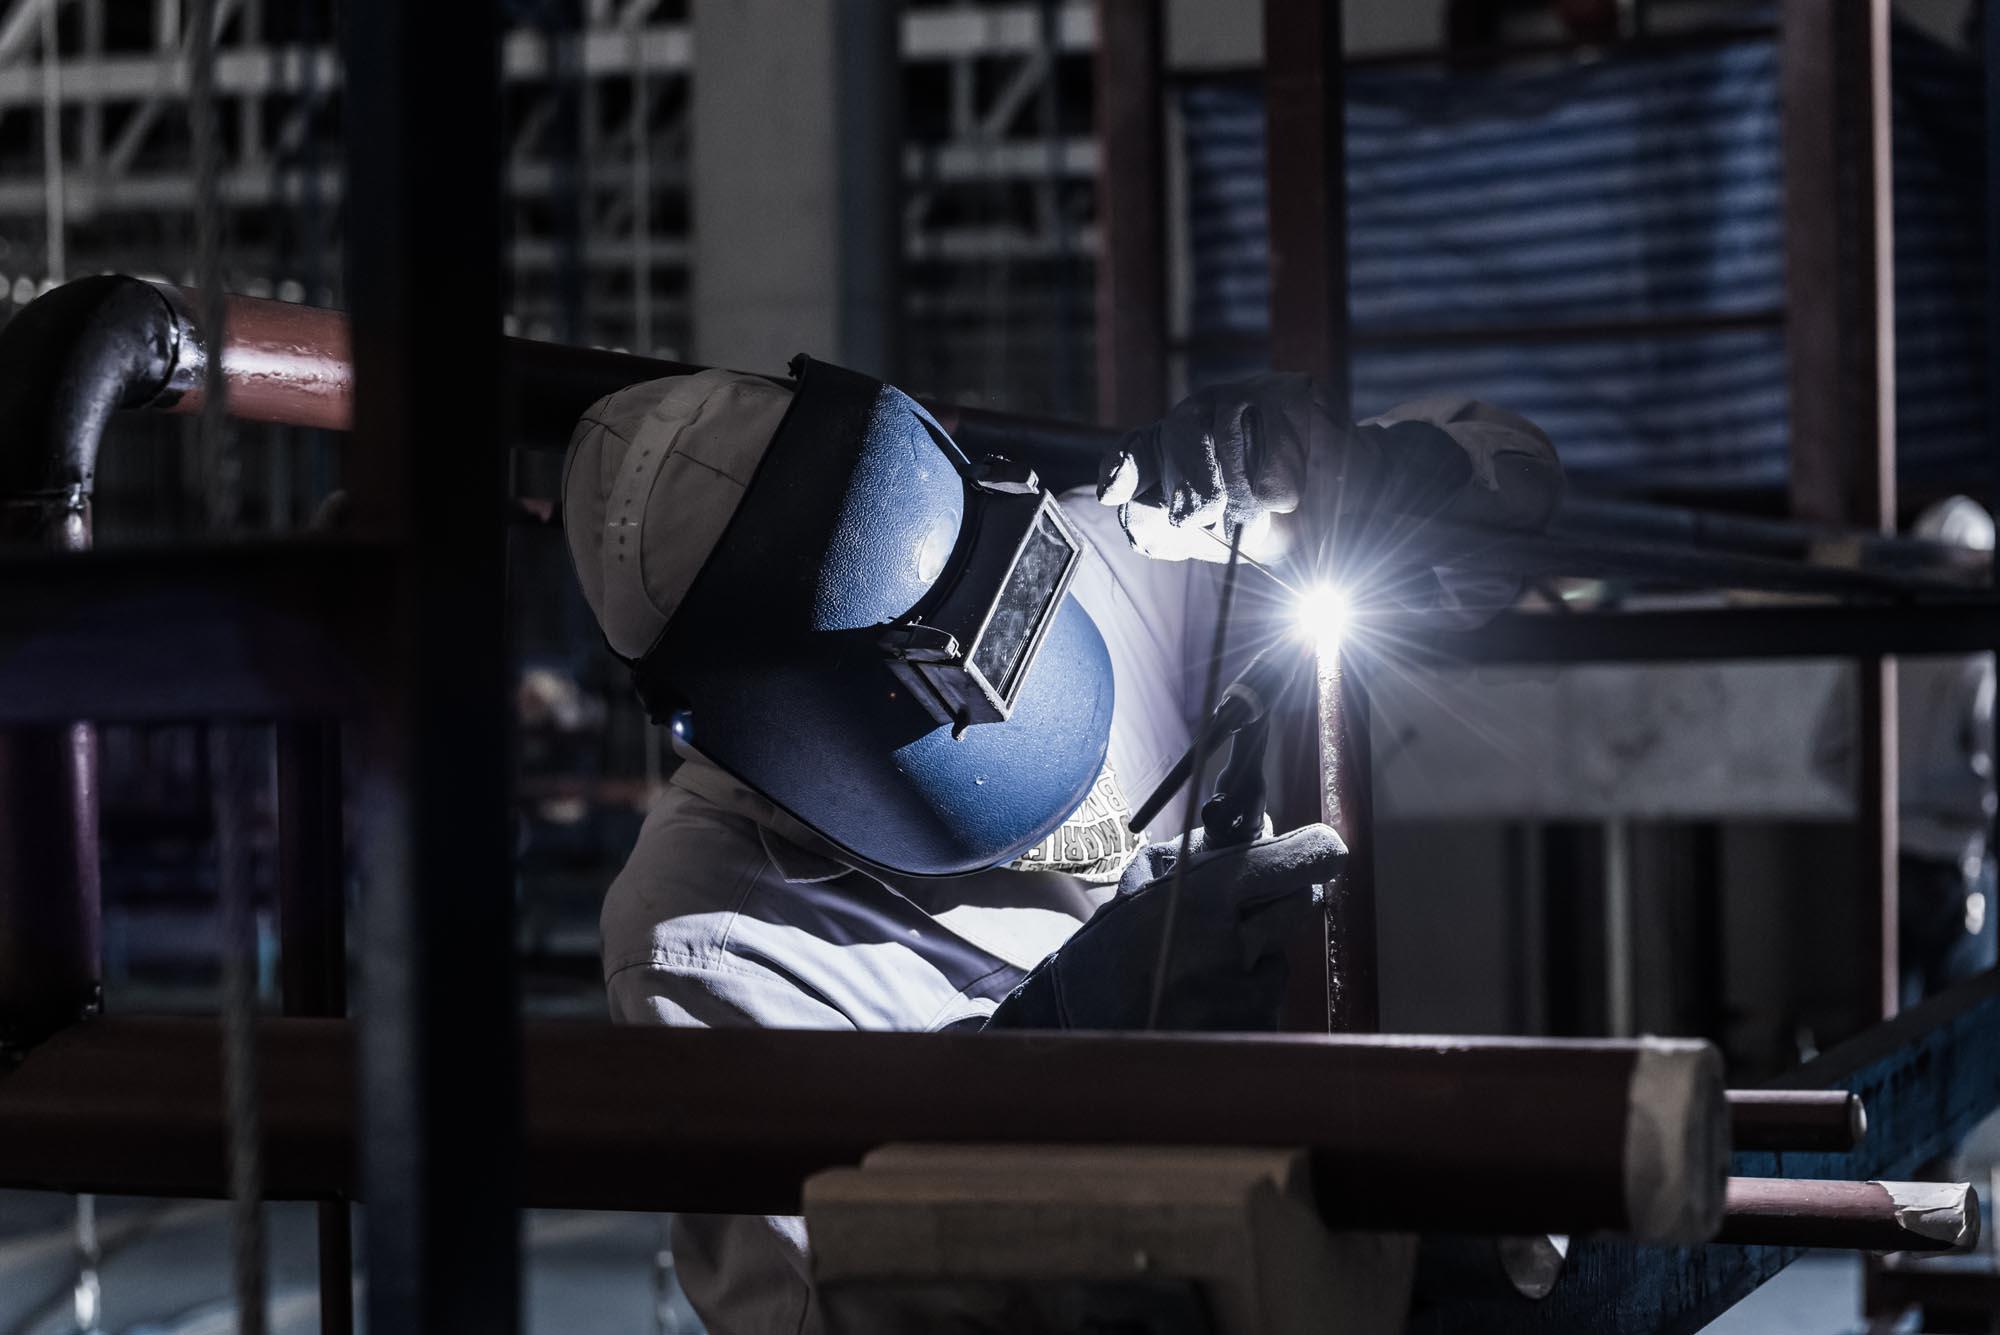 Welder repairing